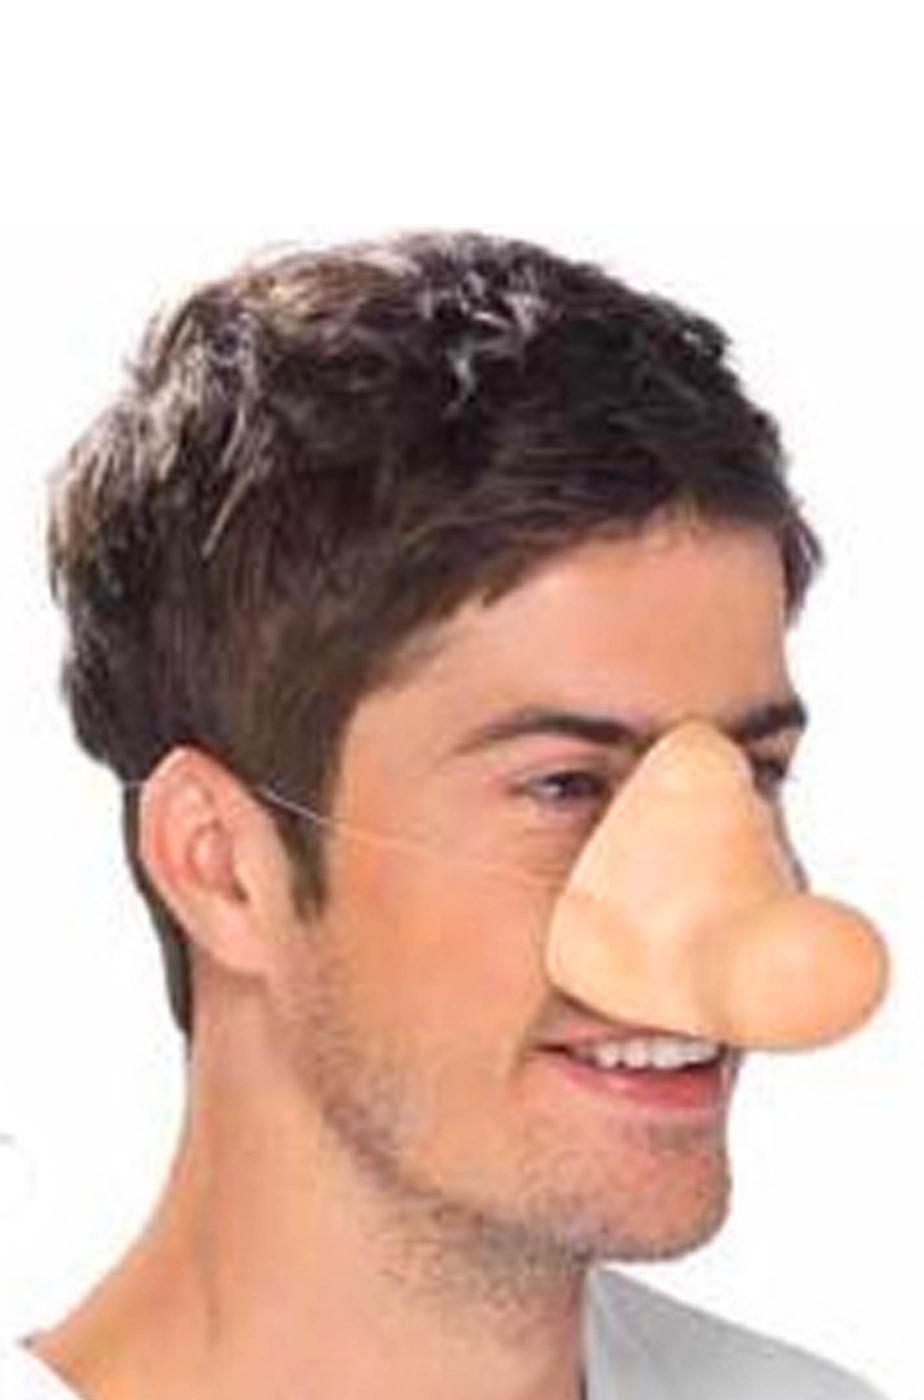 Nasone finto in plastica da cartone animato naso a patata